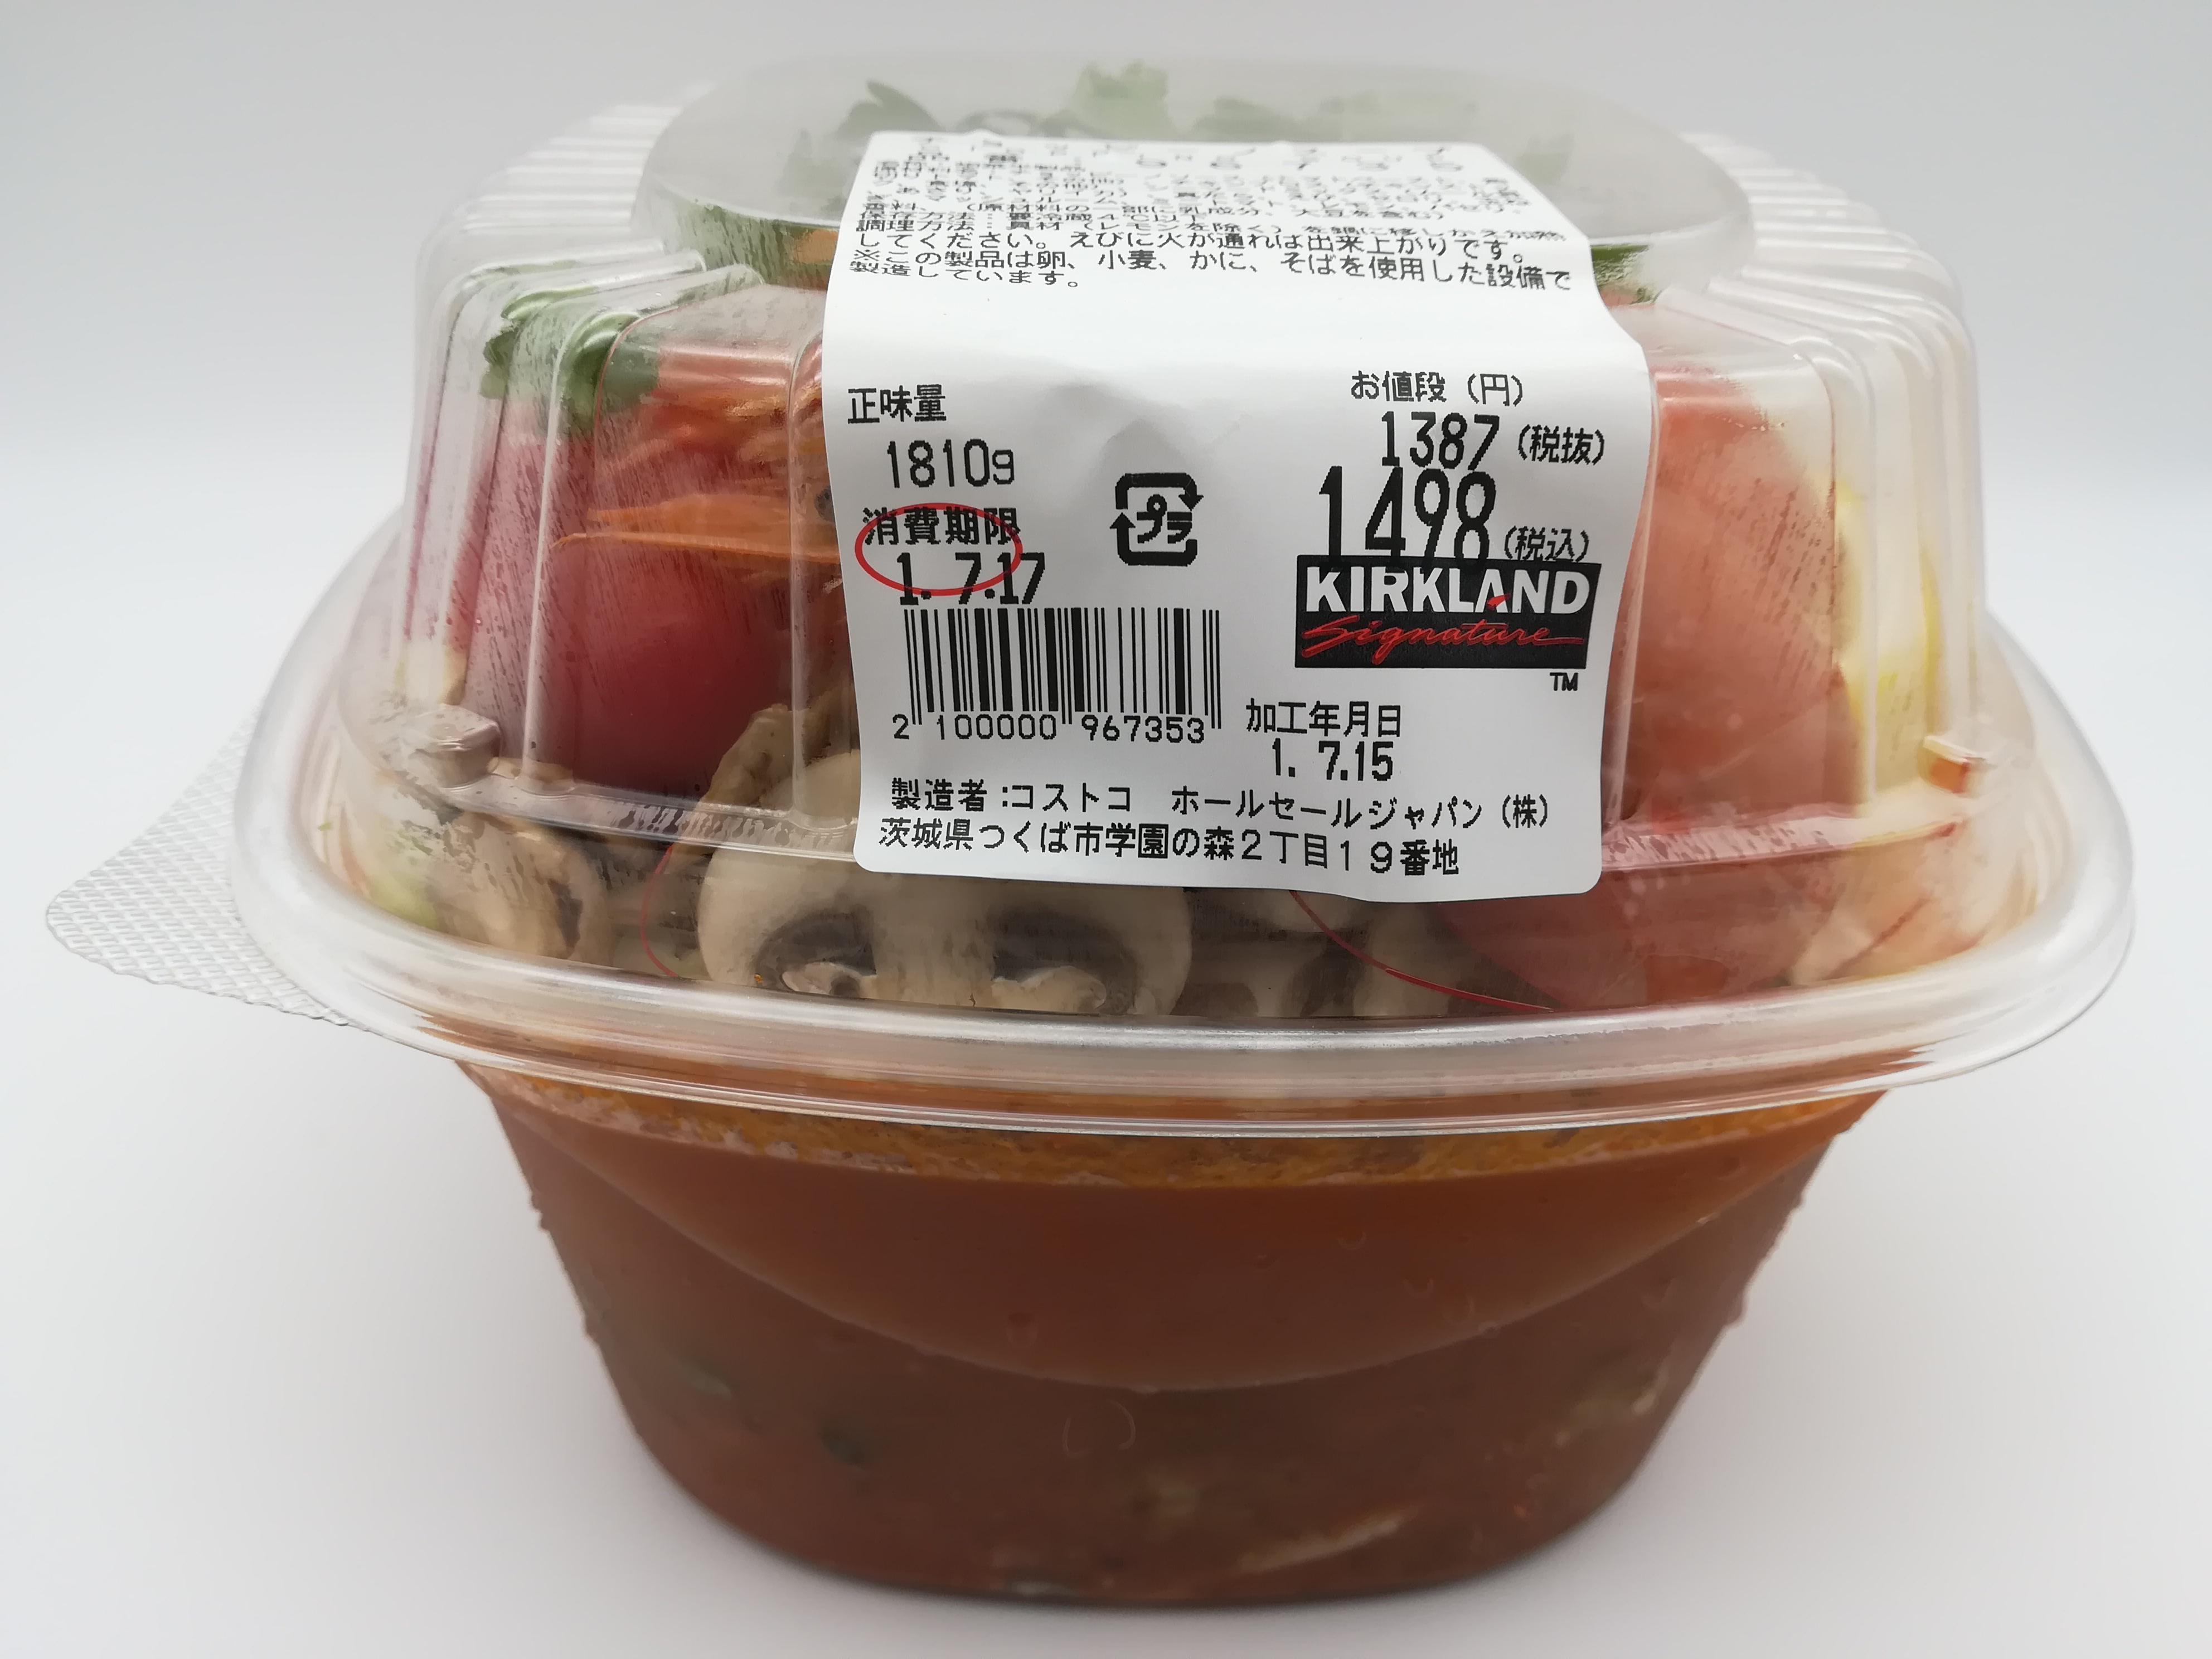 コストコのチョッピーノスープ価格